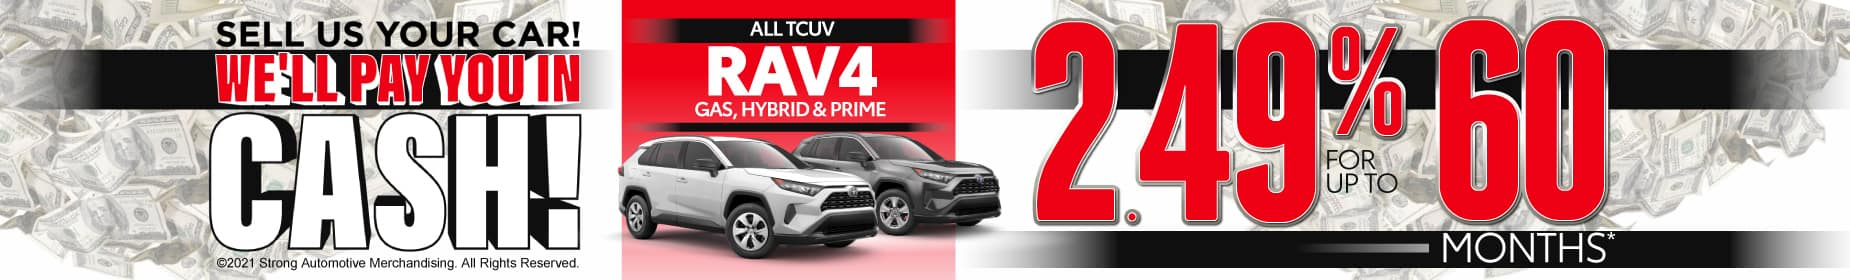 All TCUV RAV4 models 2.49% for 60 months